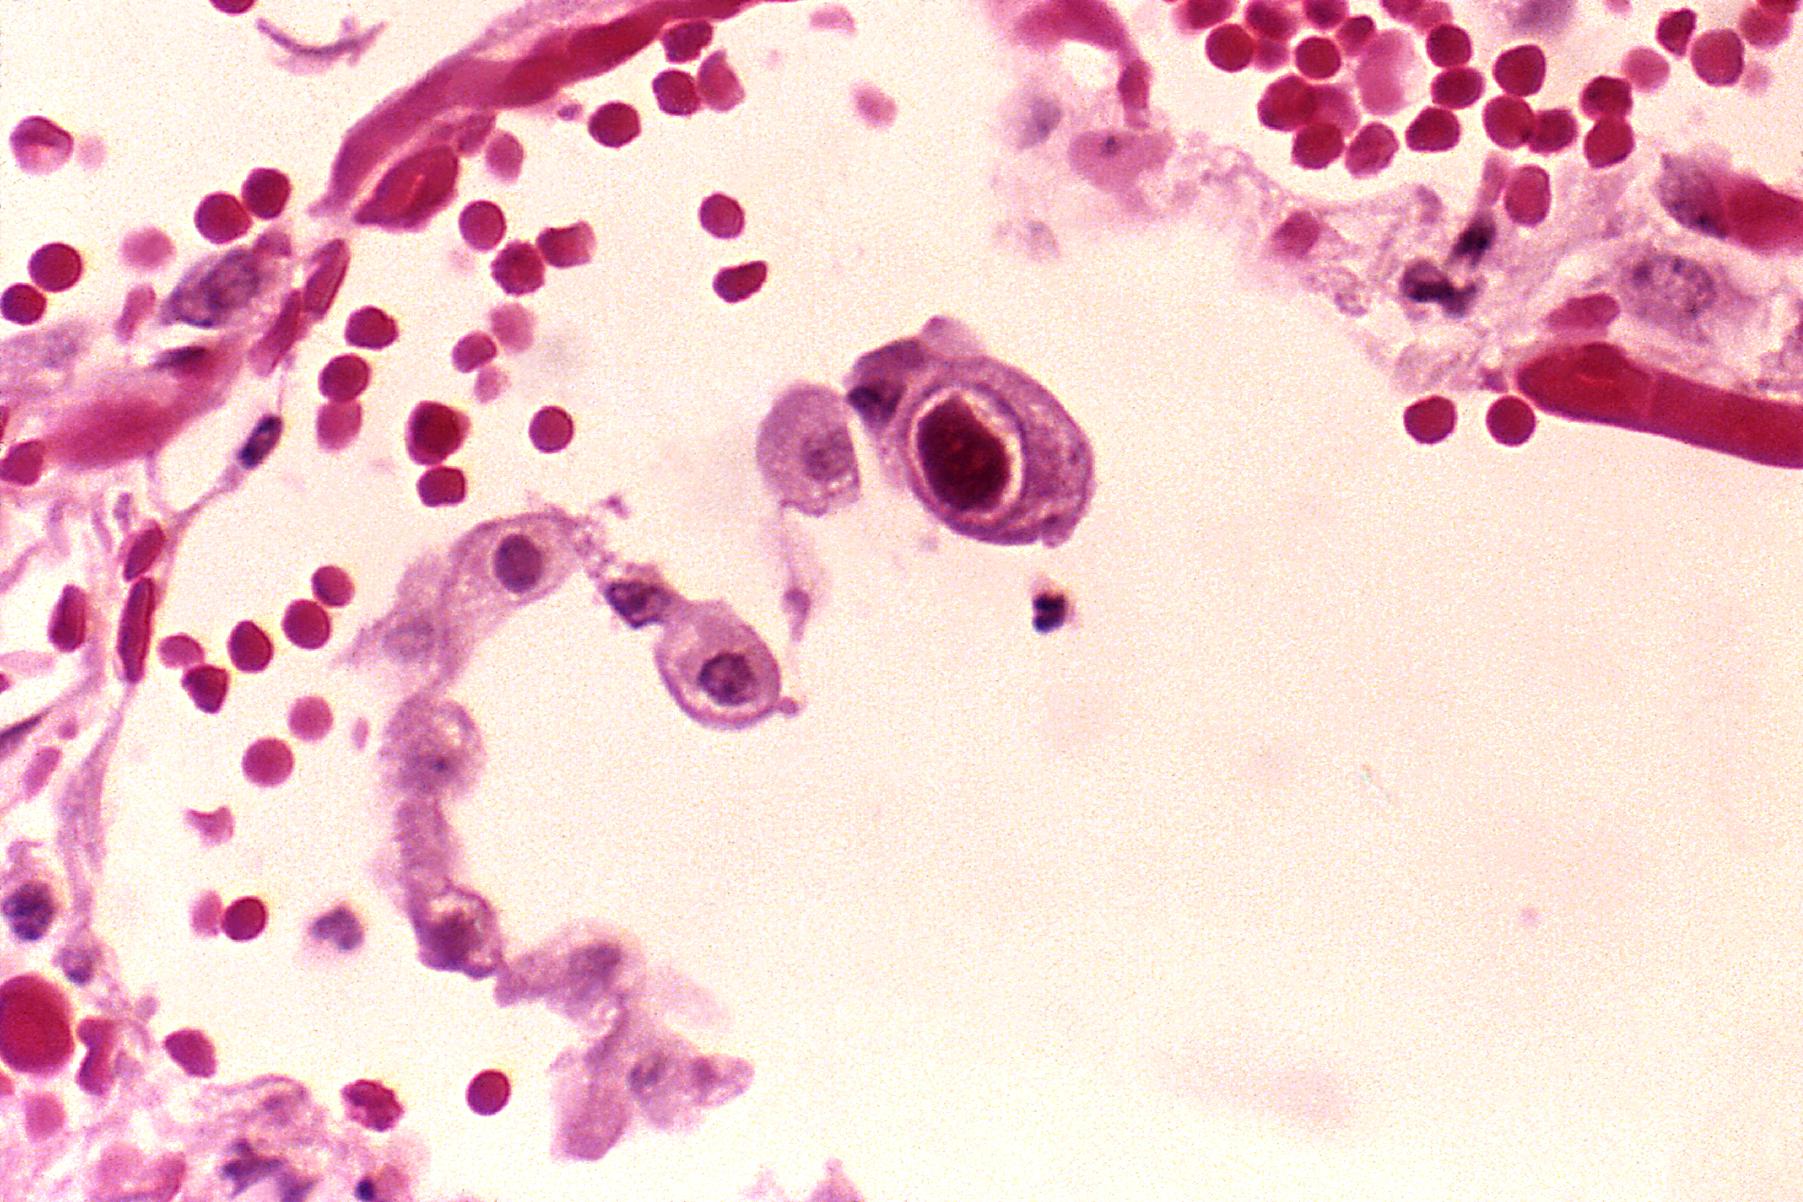 Цитомегаловирусная инфекция: симптомы, диагностика, лечение